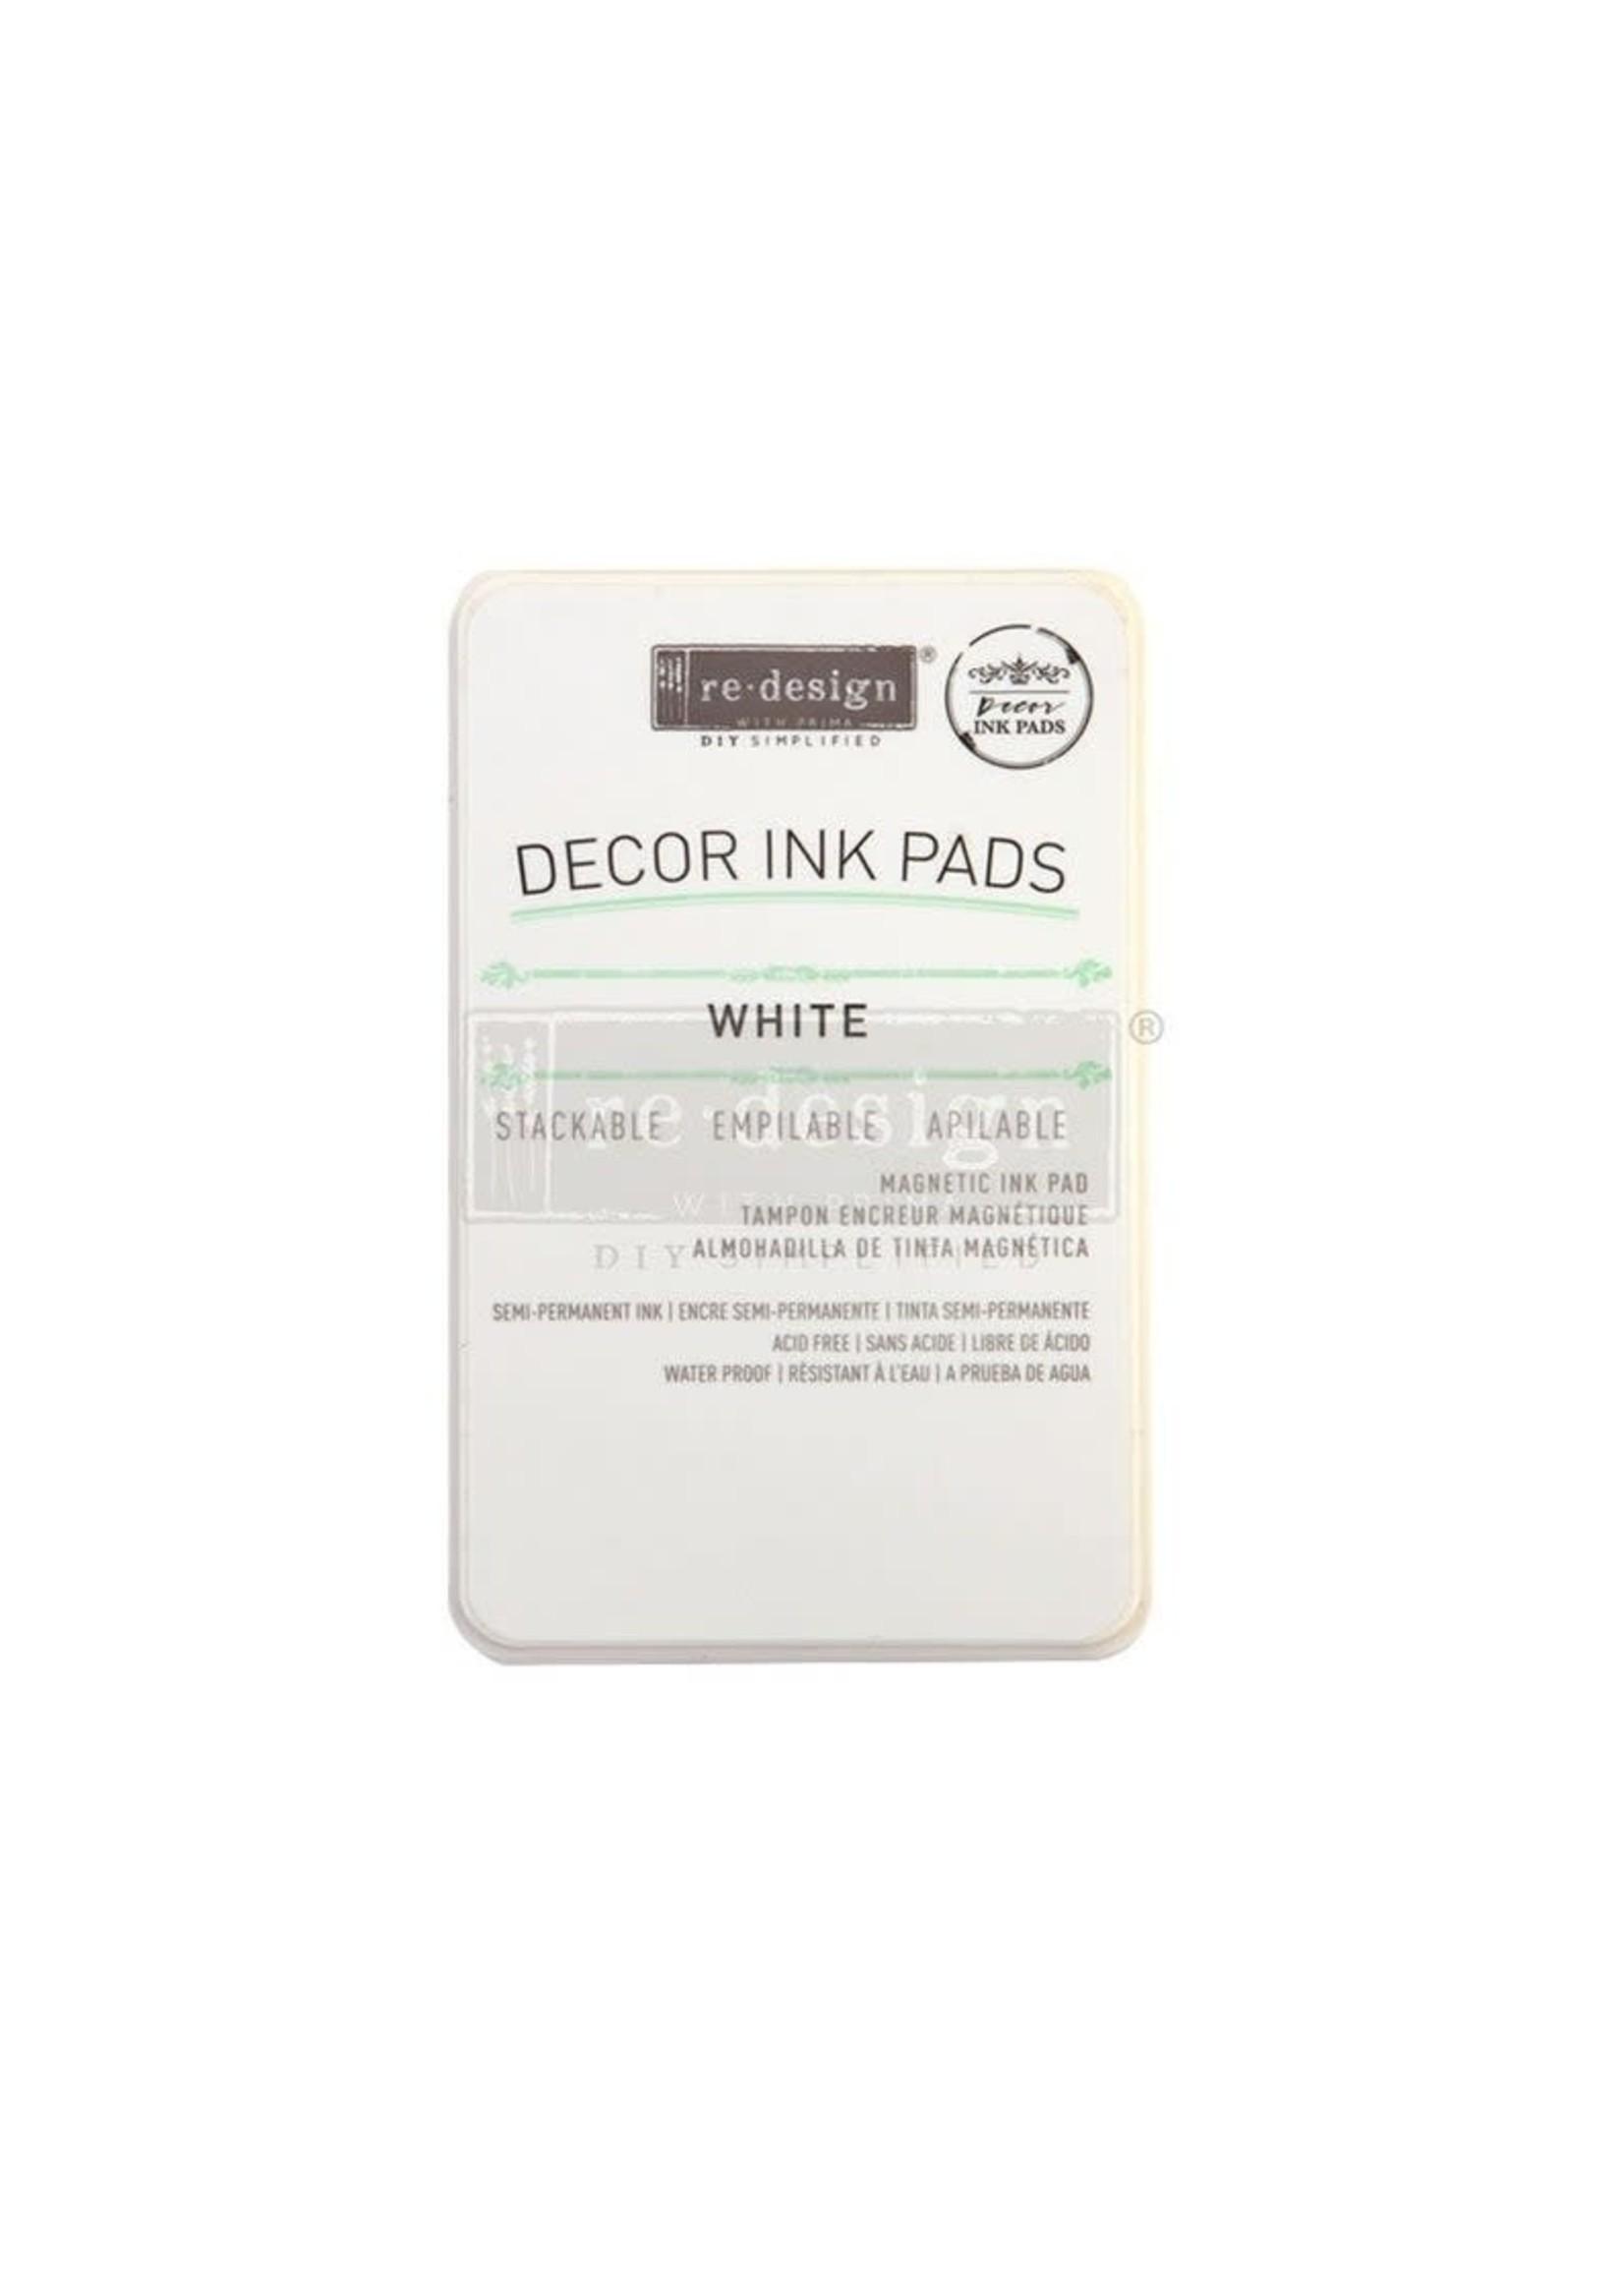 Re-Design with Prima® White Re·Design with Prima® Decor Ink Pad